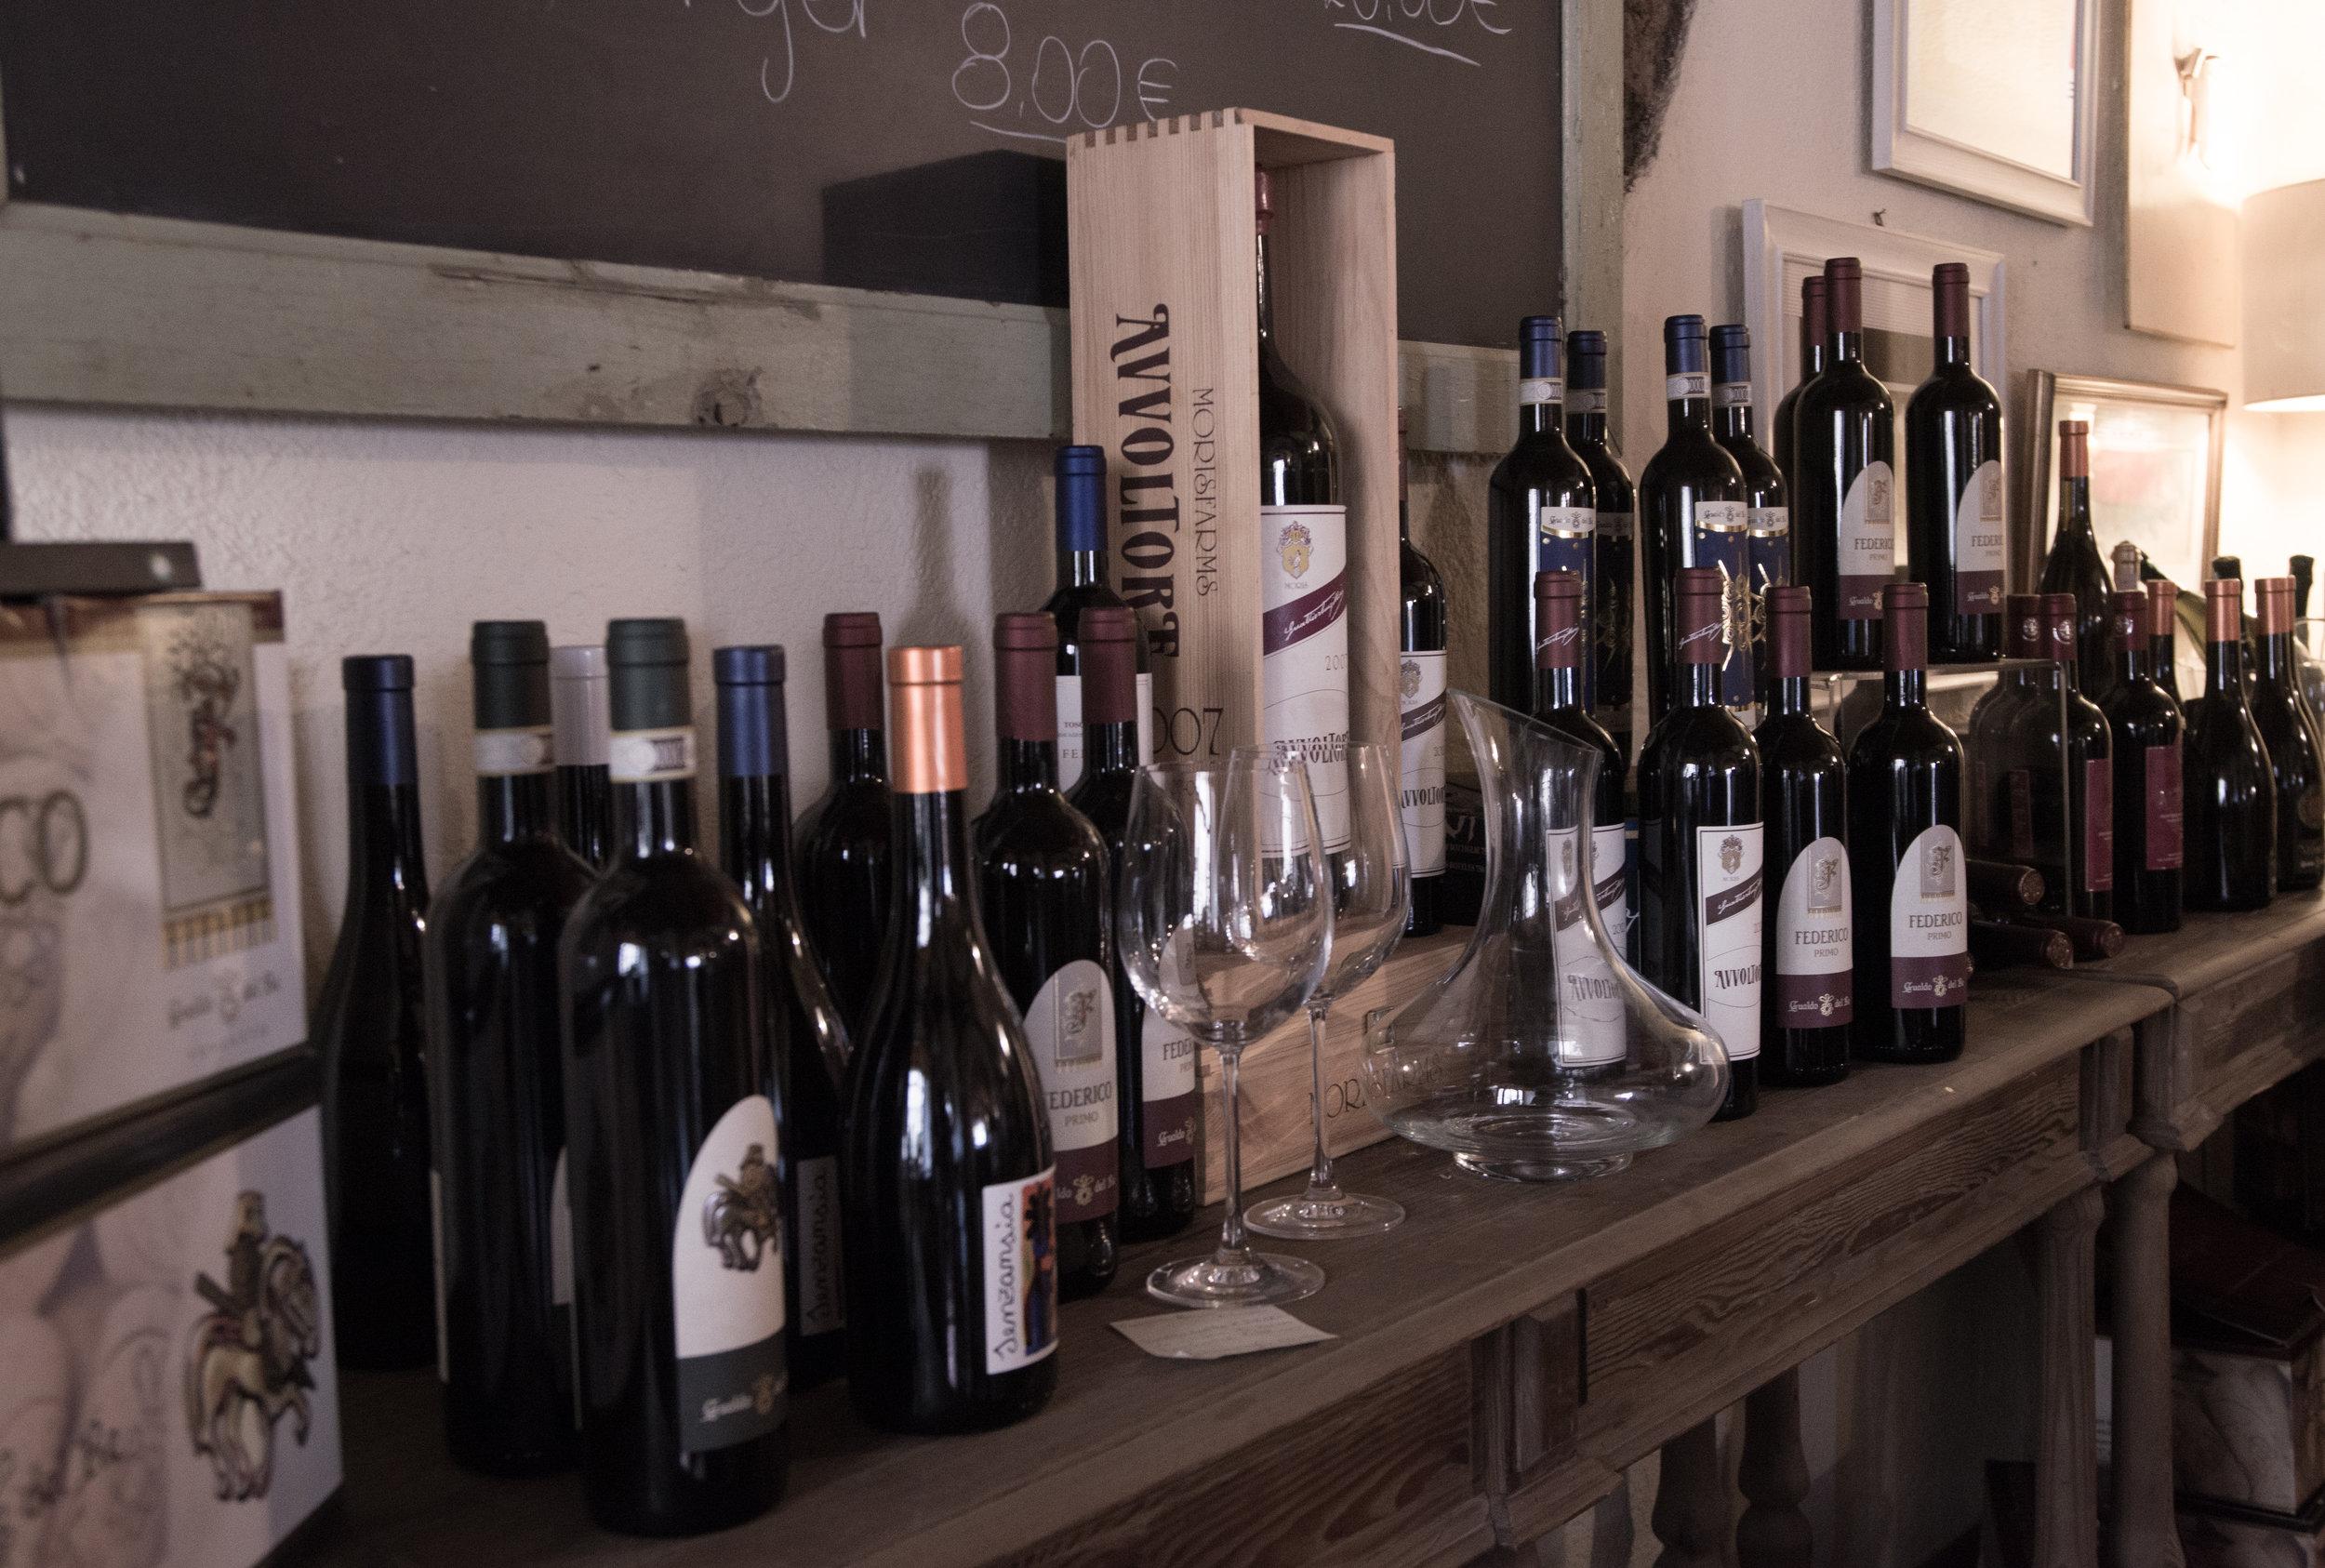 wine-shop-1-van-1.jpg